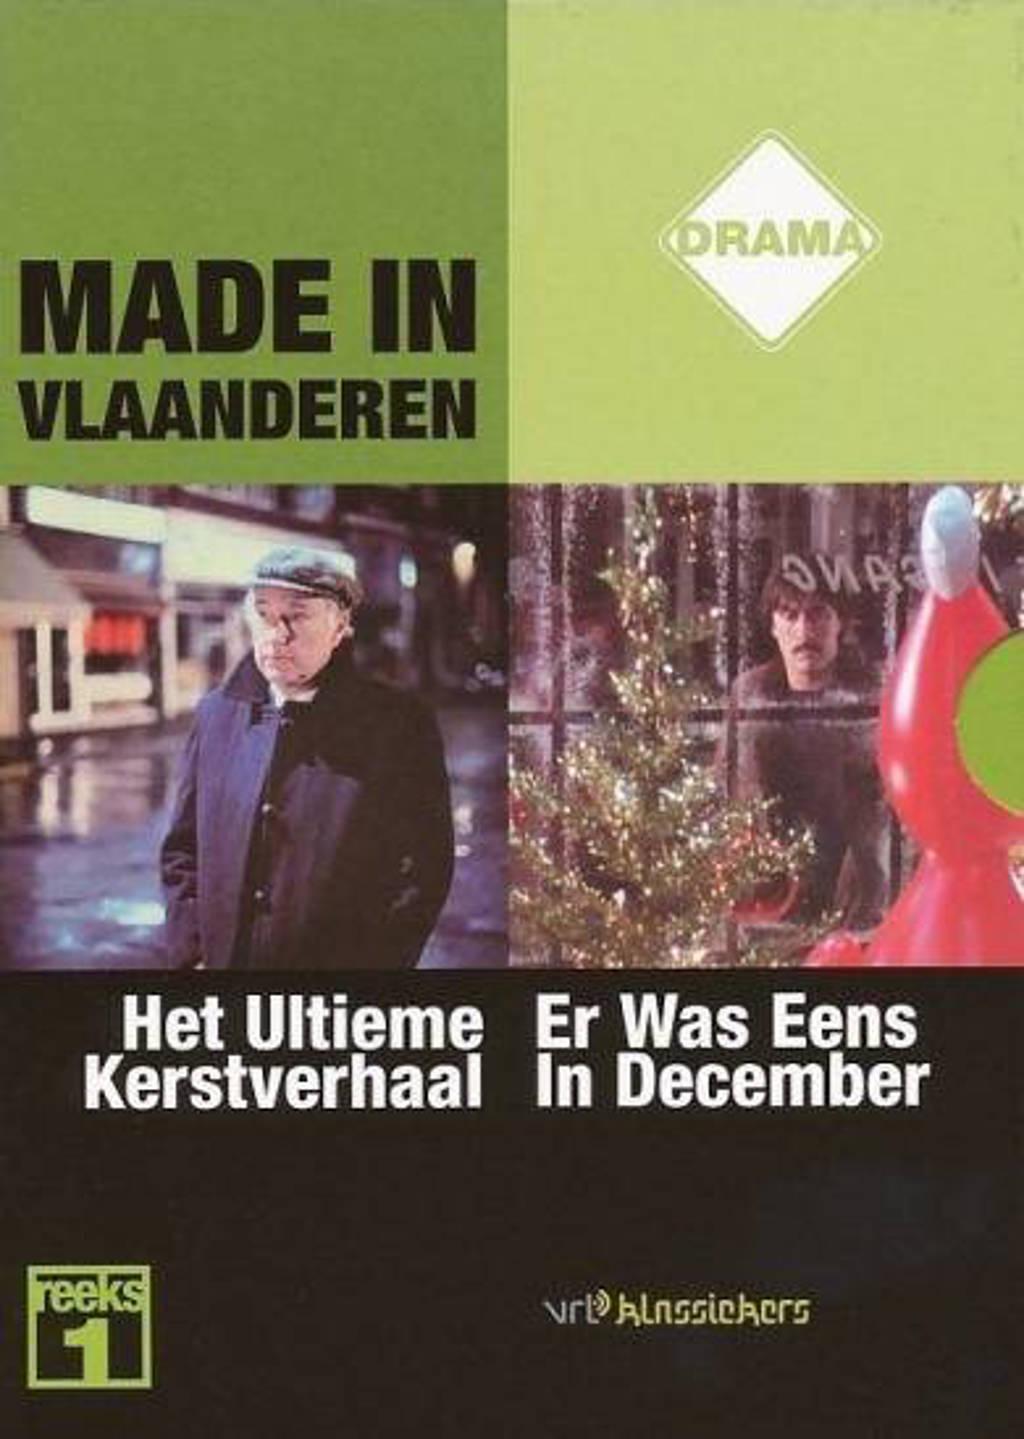 Made in vlaanderen (DVD)